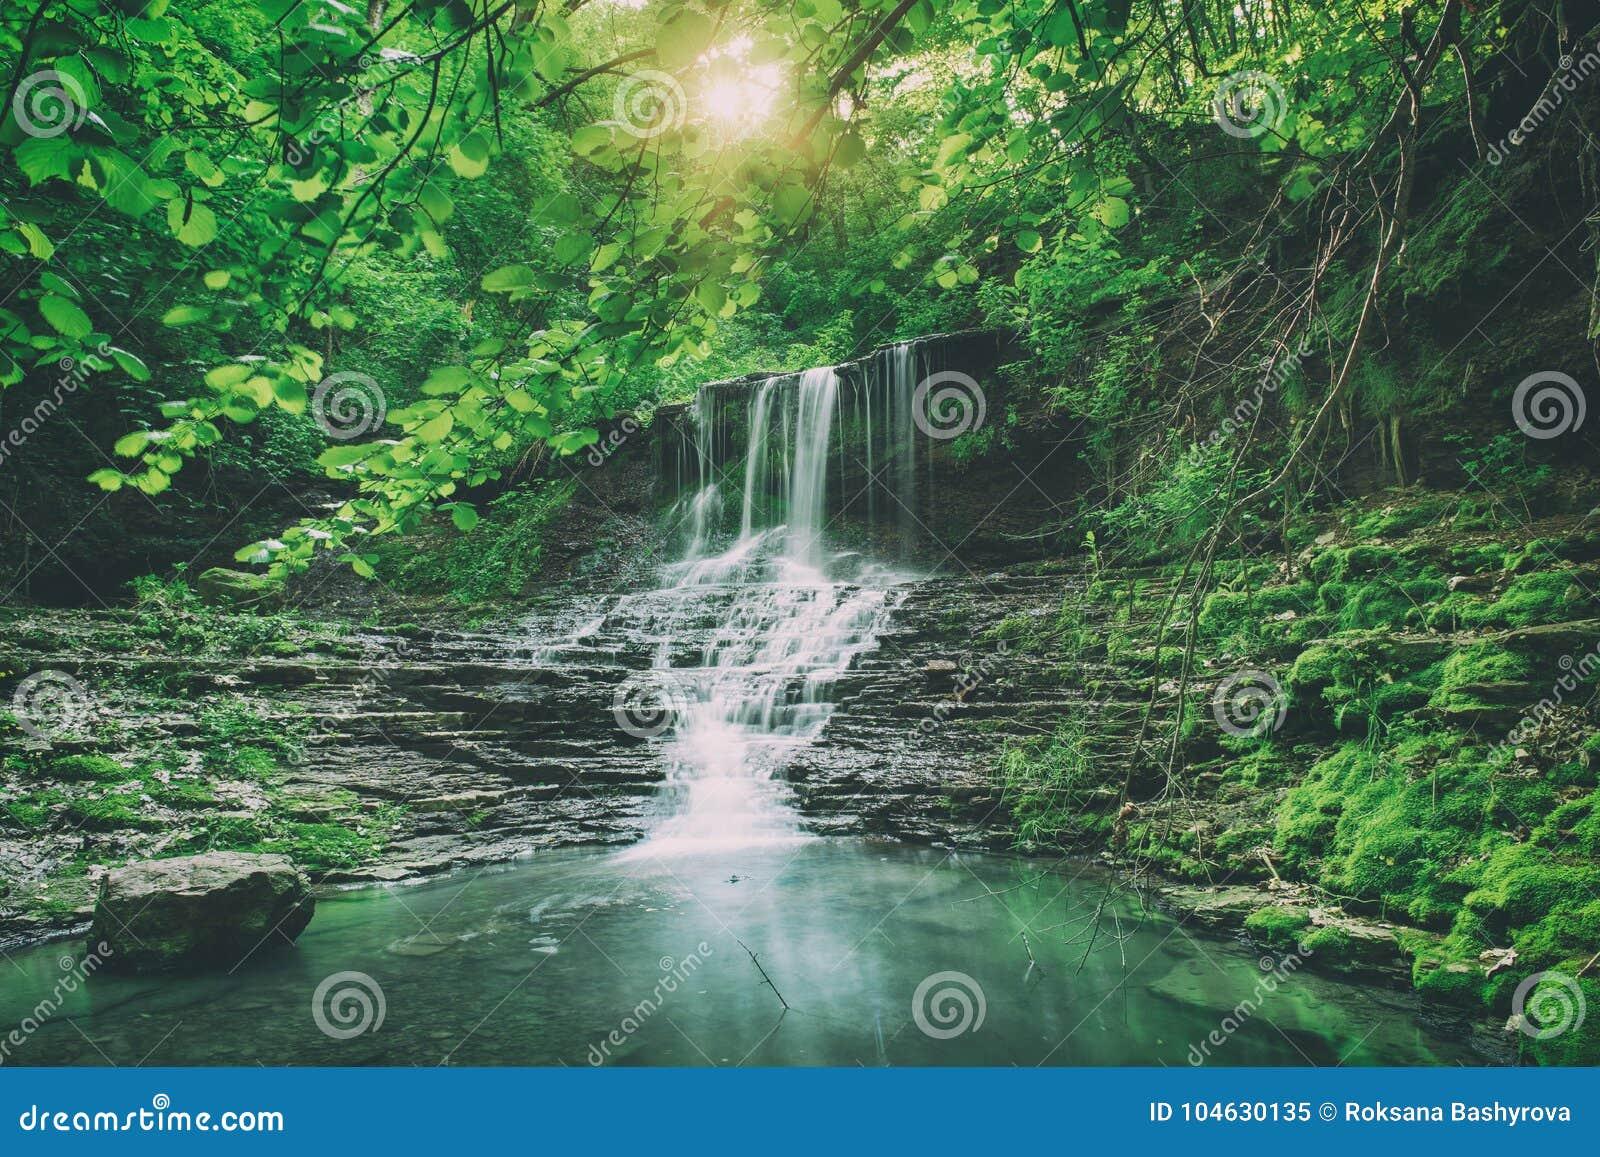 Download Hoge bergwaterval stock afbeelding. Afbeelding bestaande uit achtergrond - 104630135